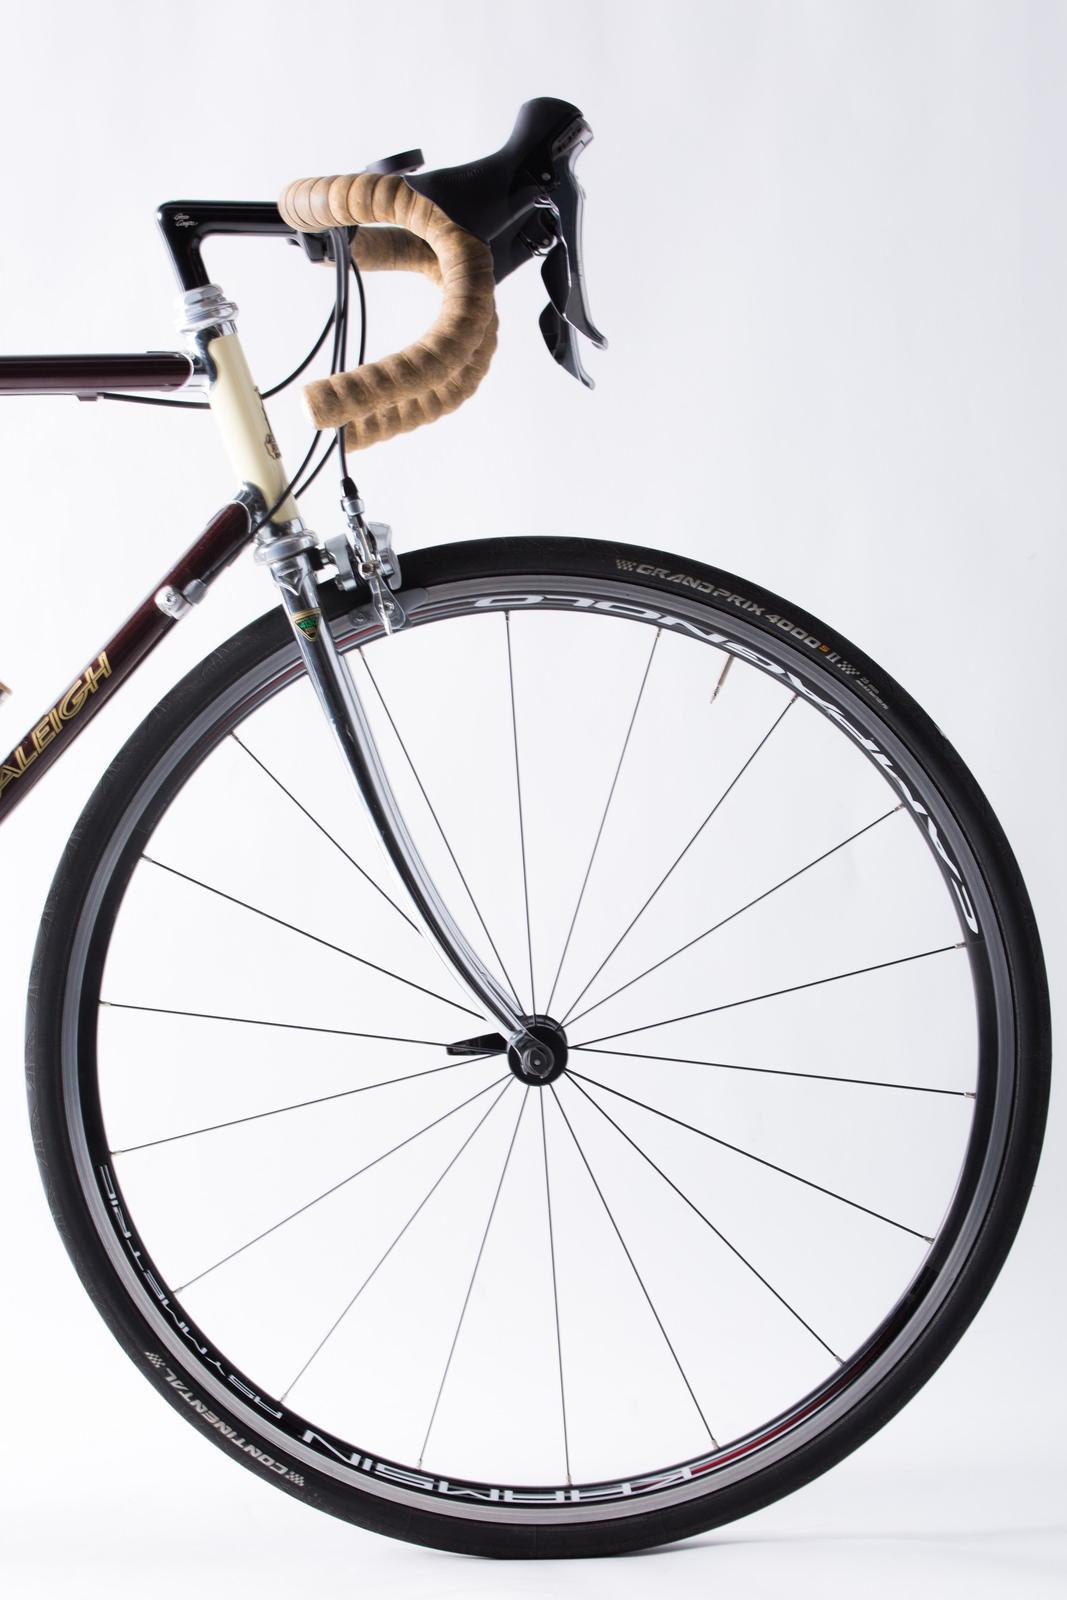 ロードバイクのホイールとタイヤ(前輪)ロードバイクのホイールとタイヤ(前輪)